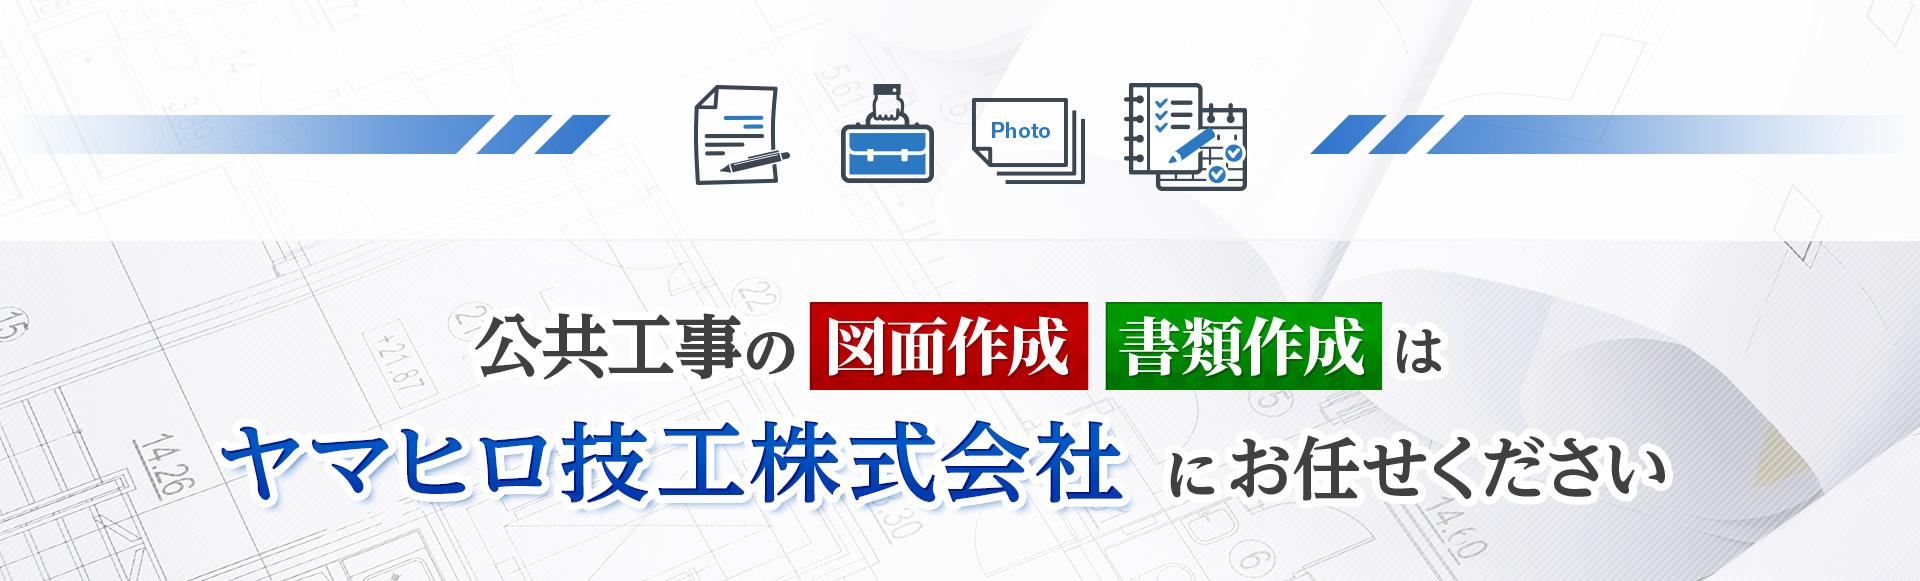 図面作成・書類作成はヤマヒロ技工株式会社にお任せください。